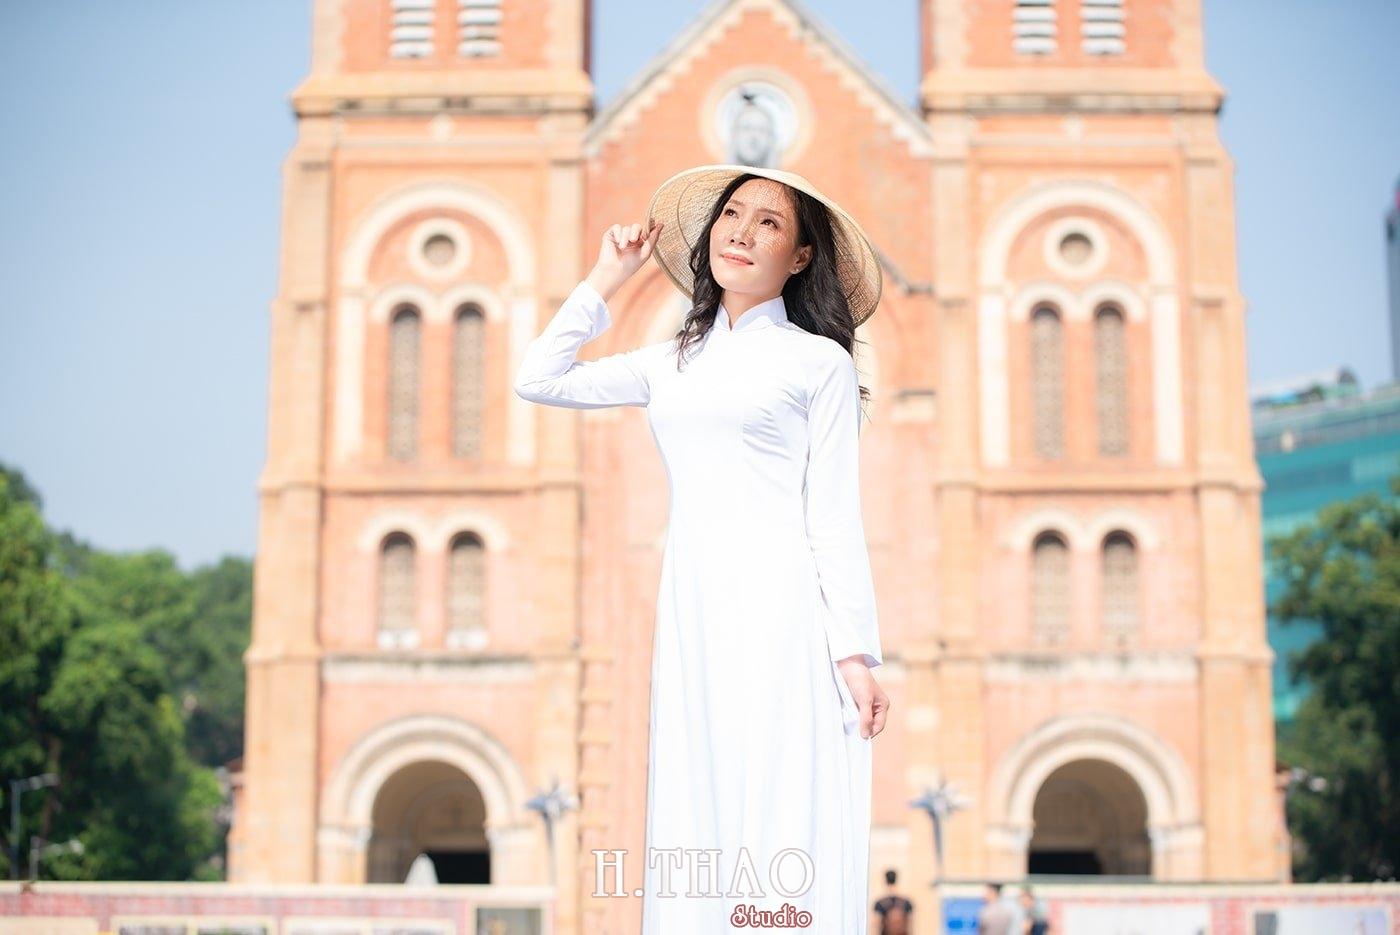 Ao dai nha tho duc ba 21 - Tổng hợp album ảnh áo dài chụp tại nhà thờ Đức Bà - HThao Studio